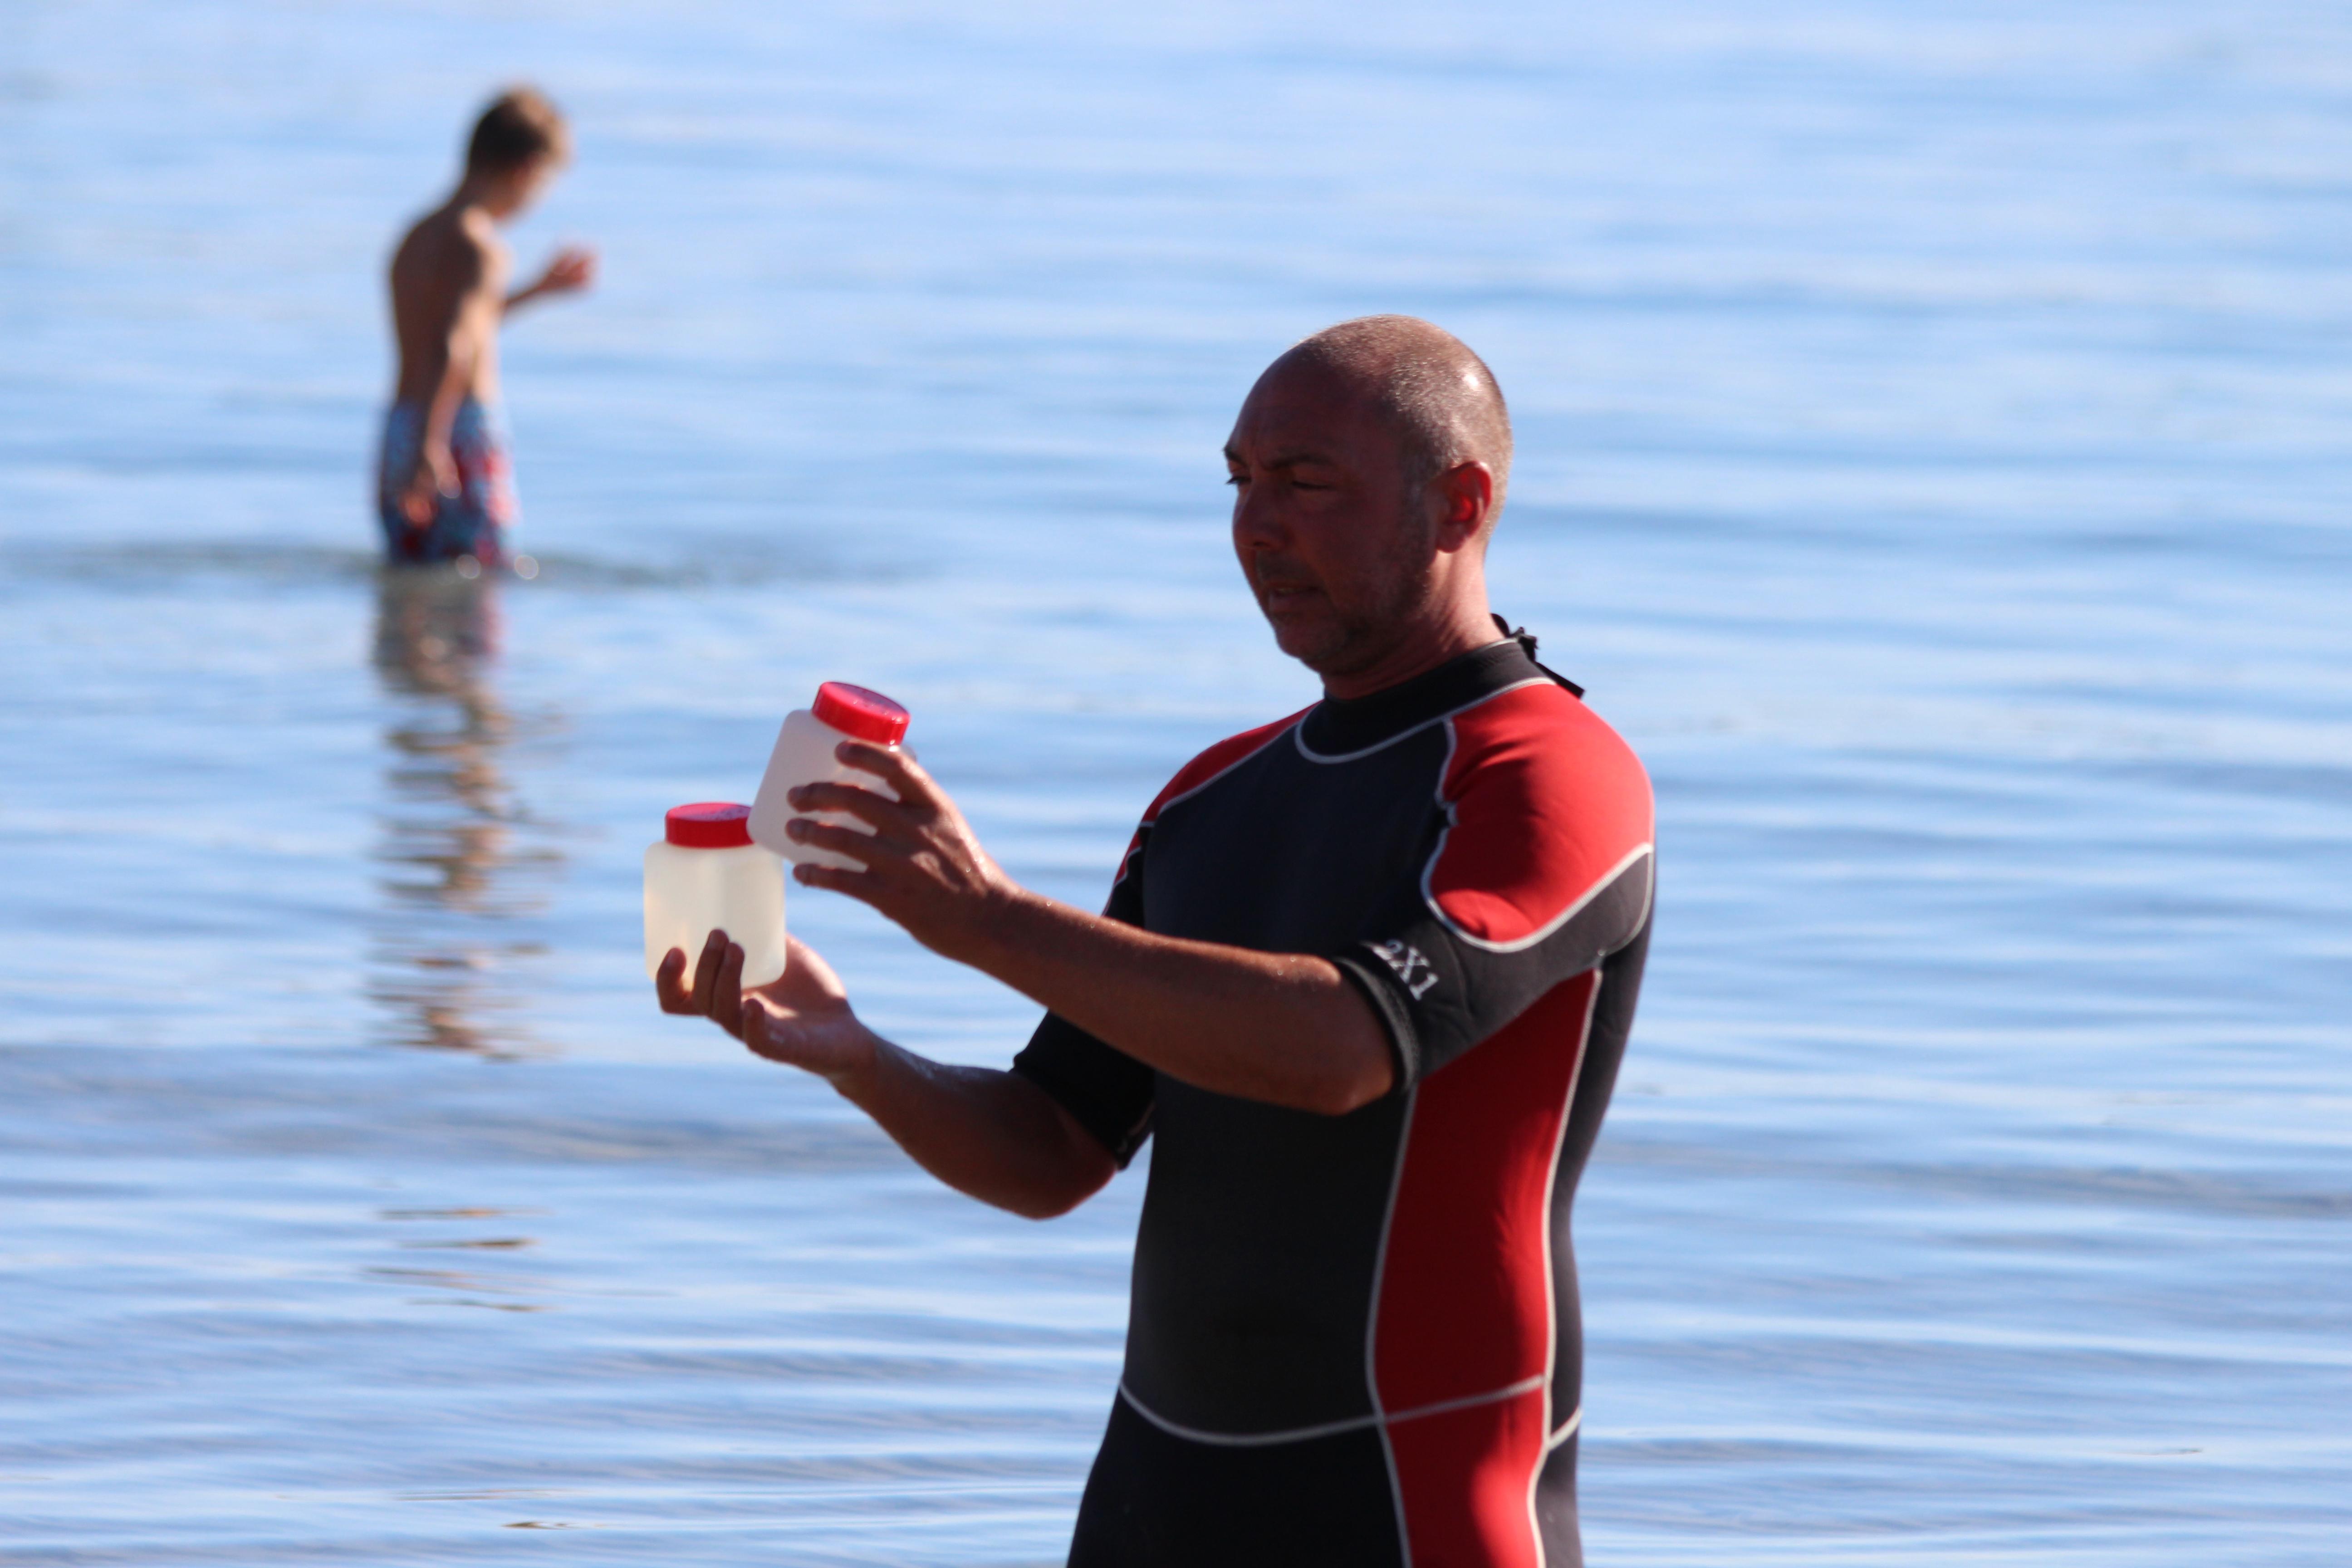 La qualité des eaux de baignade de Calvi analysée au quotidien par Kyrnolia grâce au procédé Coliplage